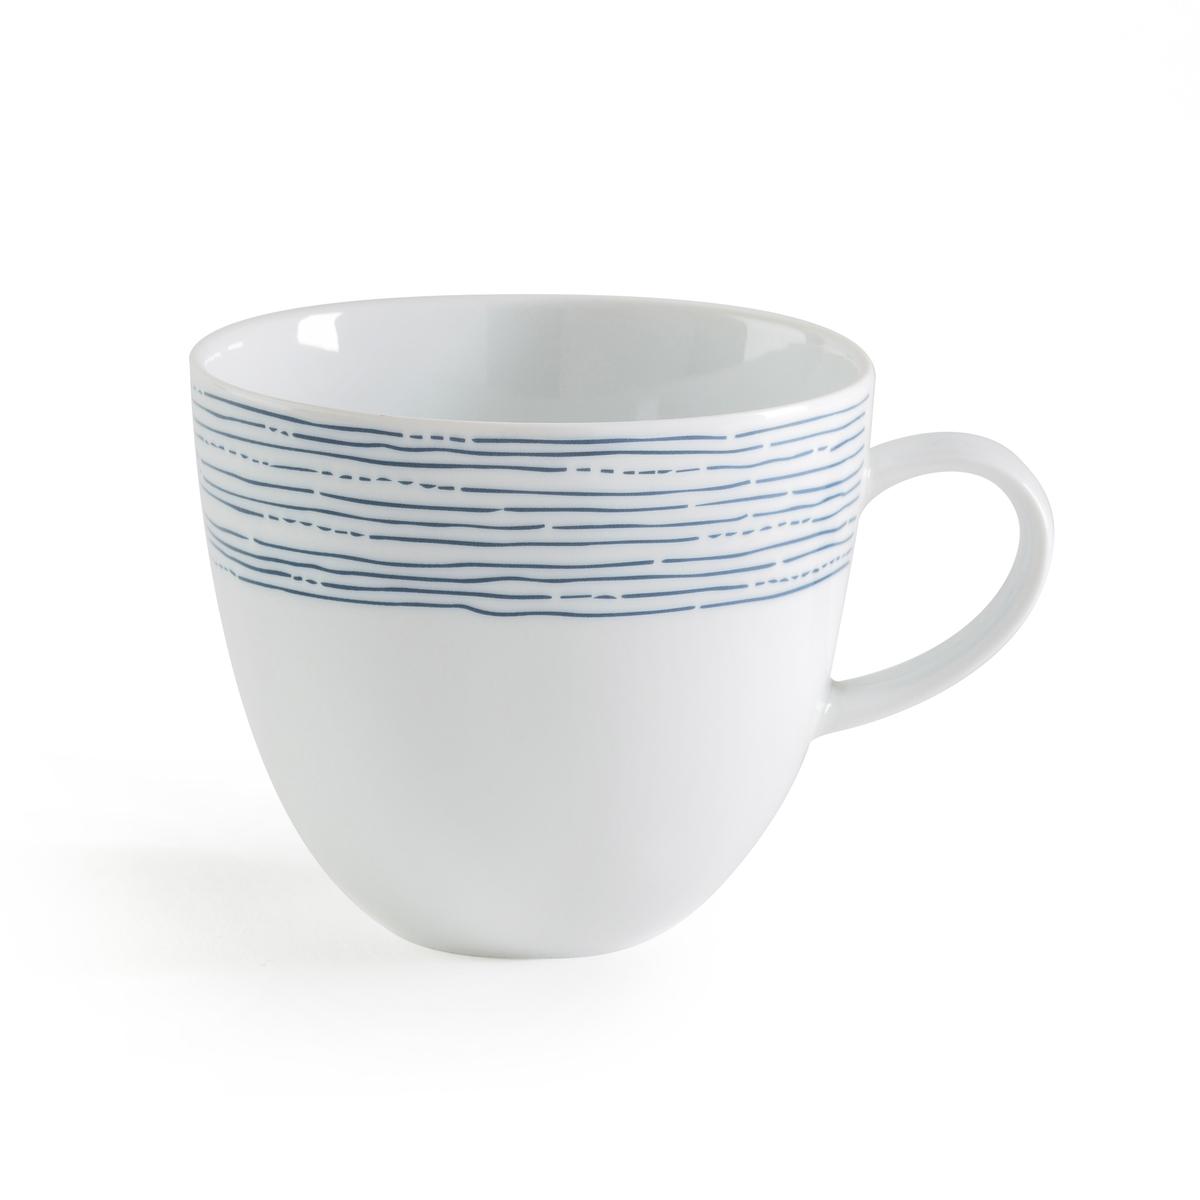 Комплект из 4 кружек из фарфора, Agaxan4 кружки Agaxan. Изящный рисунок синего цвета в виде неровных линий. Из глазурованного фарфора. Размеры: ?10 x В9 см. Можно использовать в посудомоечных машинах и микроволновых печах. Сделано в Португалии. Вы можете подобрать подходящие мелкие и десертные тарелки на нашем сайте.<br><br>Цвет: синий/ белый